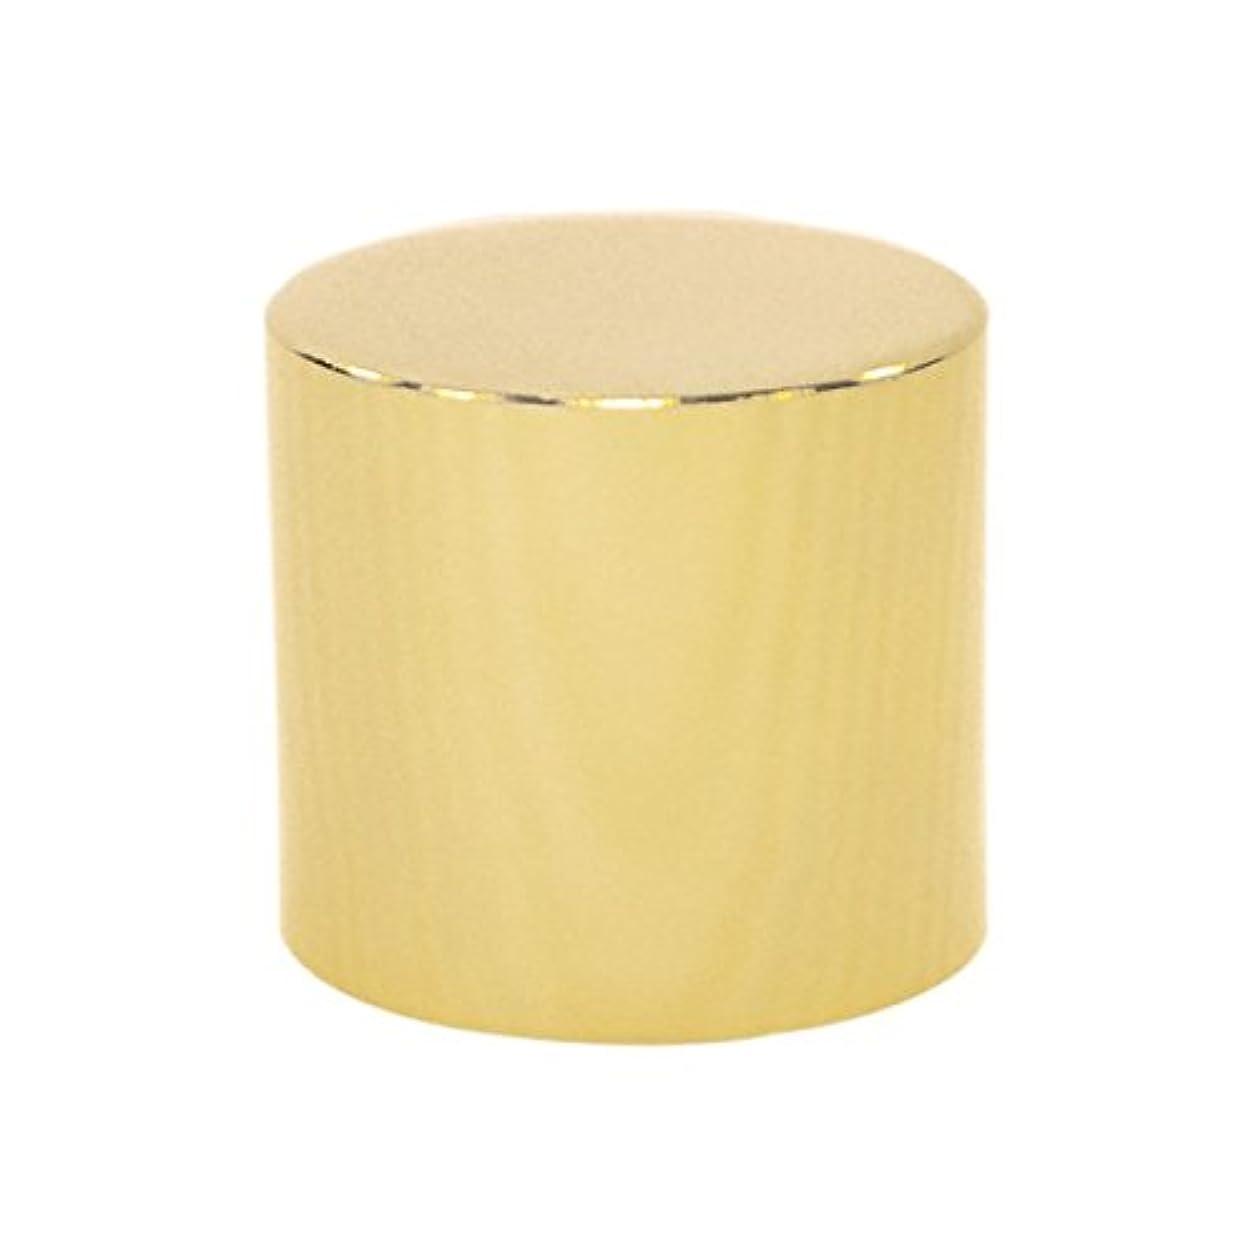 旋律的経由で宣言ランプベルジェ(LAMPE BERGER)消火キャップ【正規輸入品】密閉蓋ゴールド